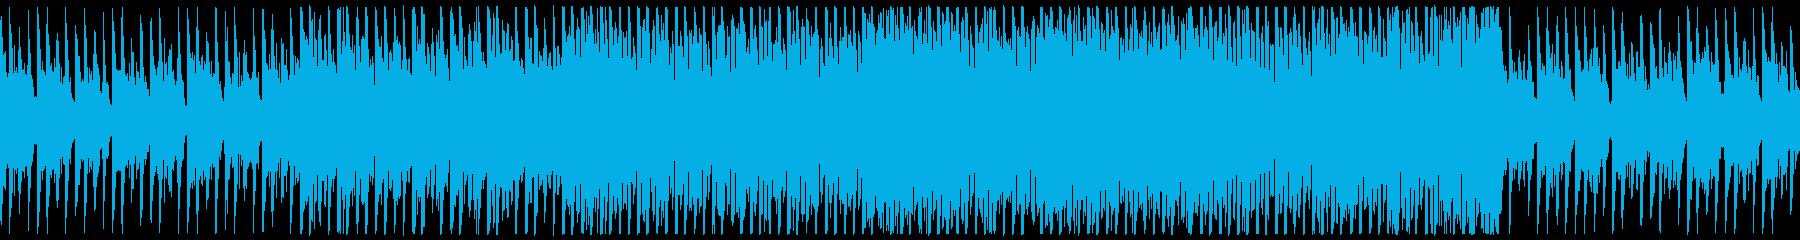 【ループ対応】感動・情熱的なポップの再生済みの波形